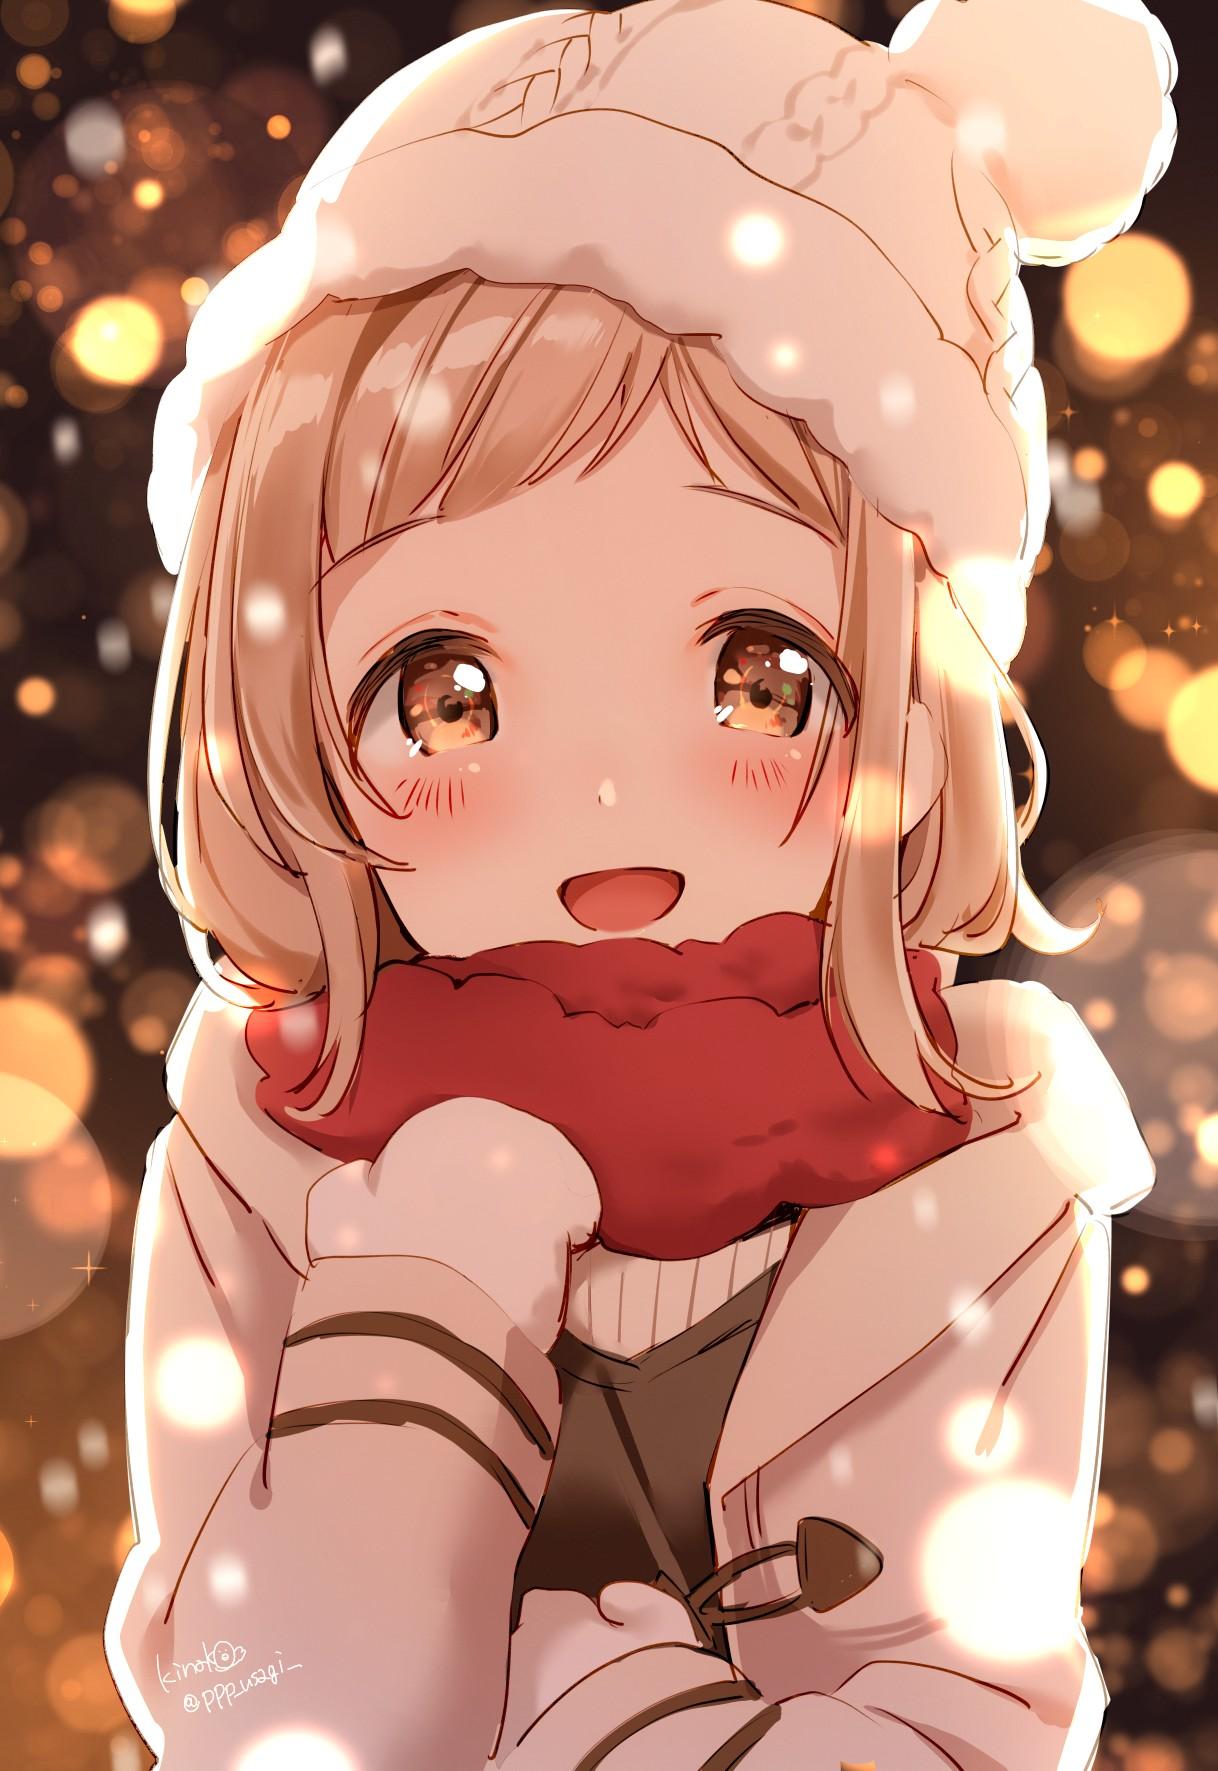 【2次】シャニマスの櫻木真乃ちゃんの可愛いエロ画像